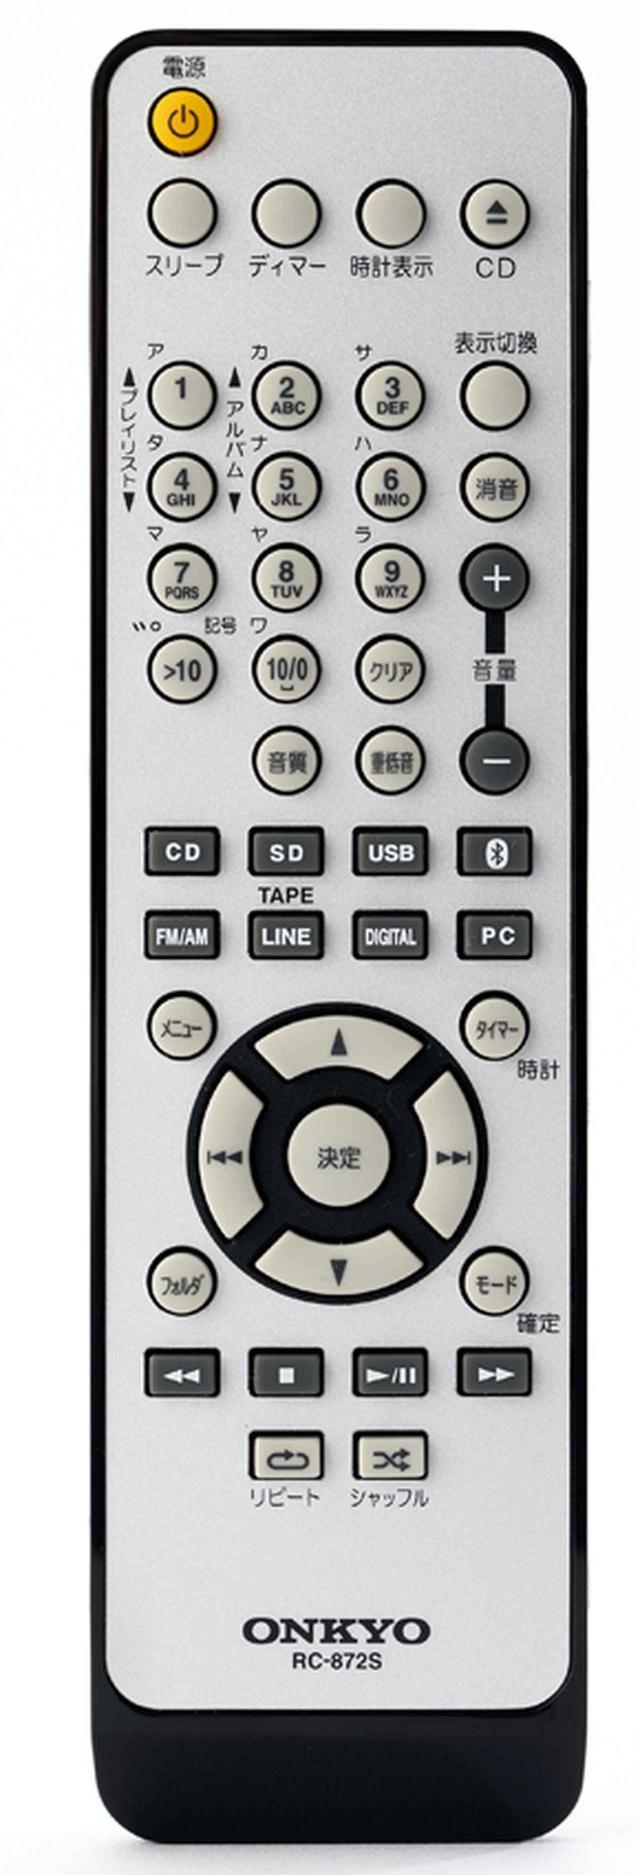 画像: CDのダイレクト選曲ボタンなども備えたリモコン。入力切り替えやタイマー機能など、一とおりの操作を手元で行える。